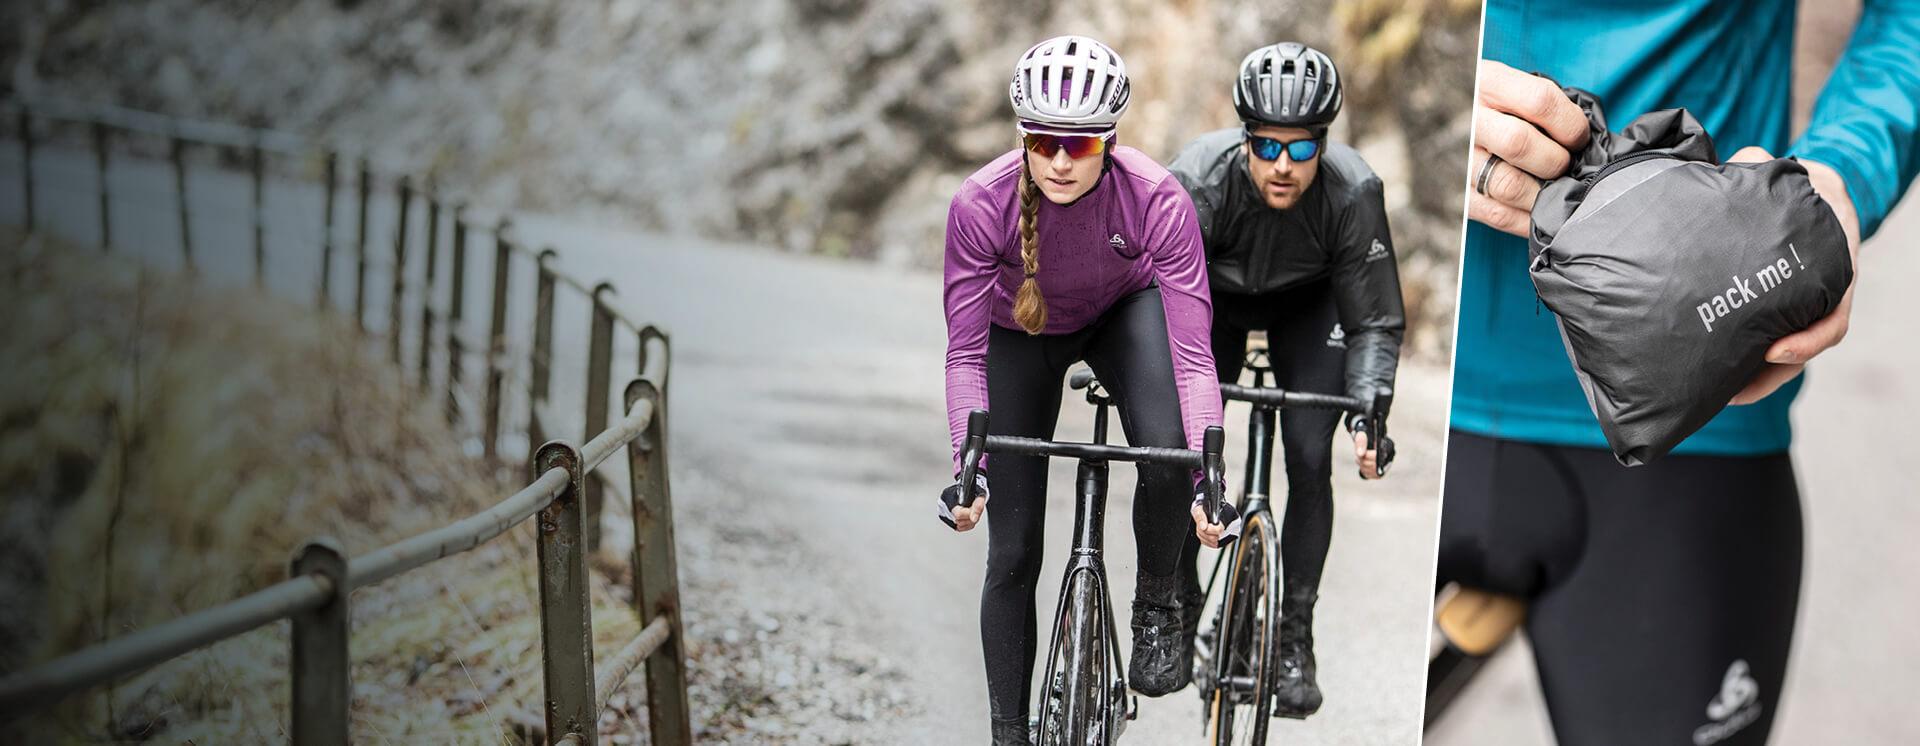 Men & Women Cycling & MTB equipment